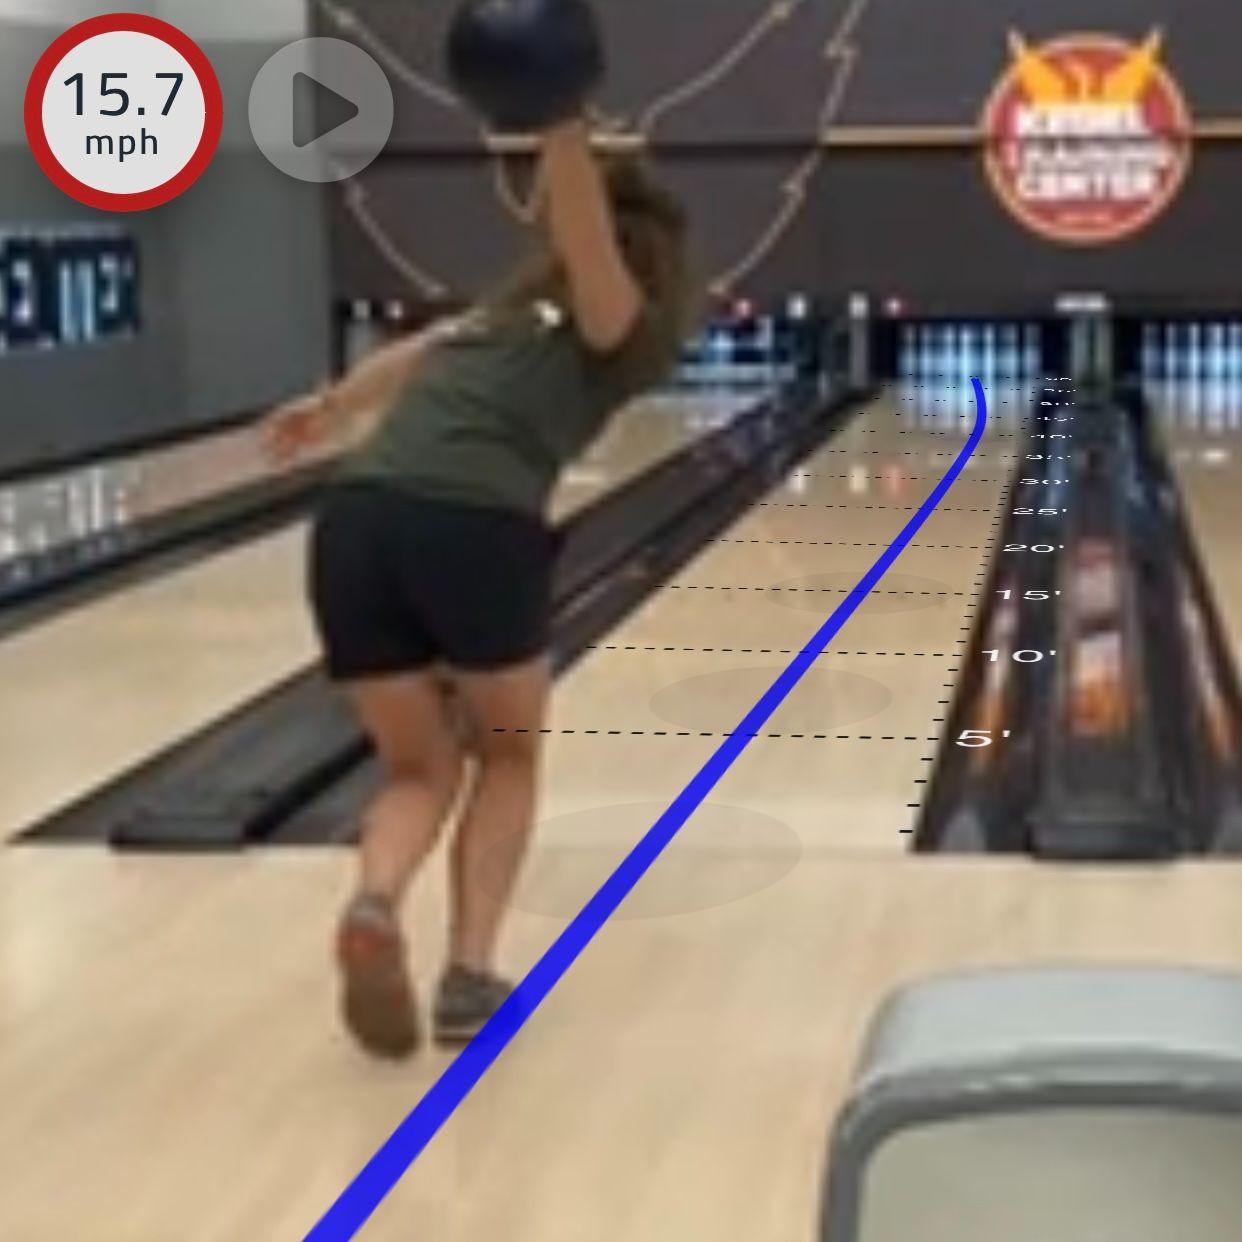 Bowling video analysis in Tenpin Toolkit